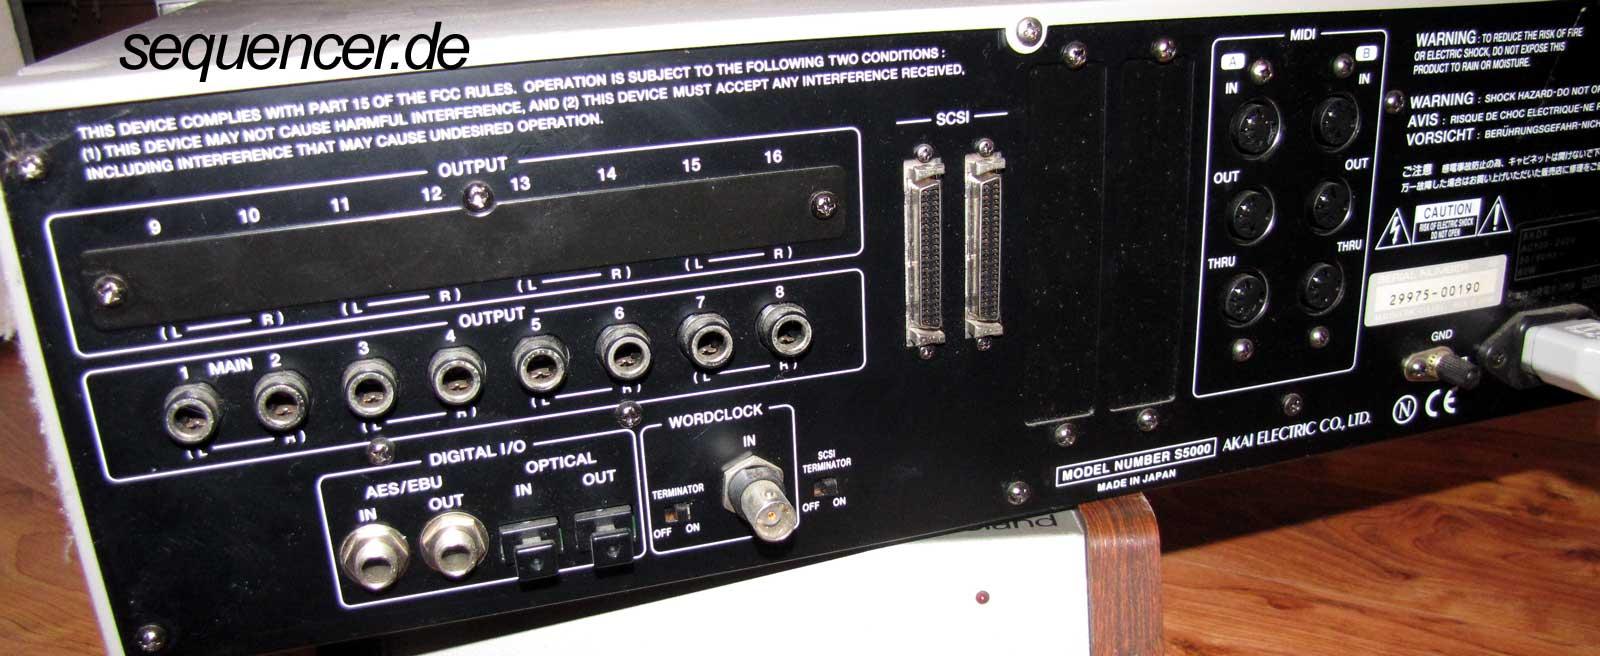 Akai S5000 Rückseite Akai S-5000 Back synthesizer